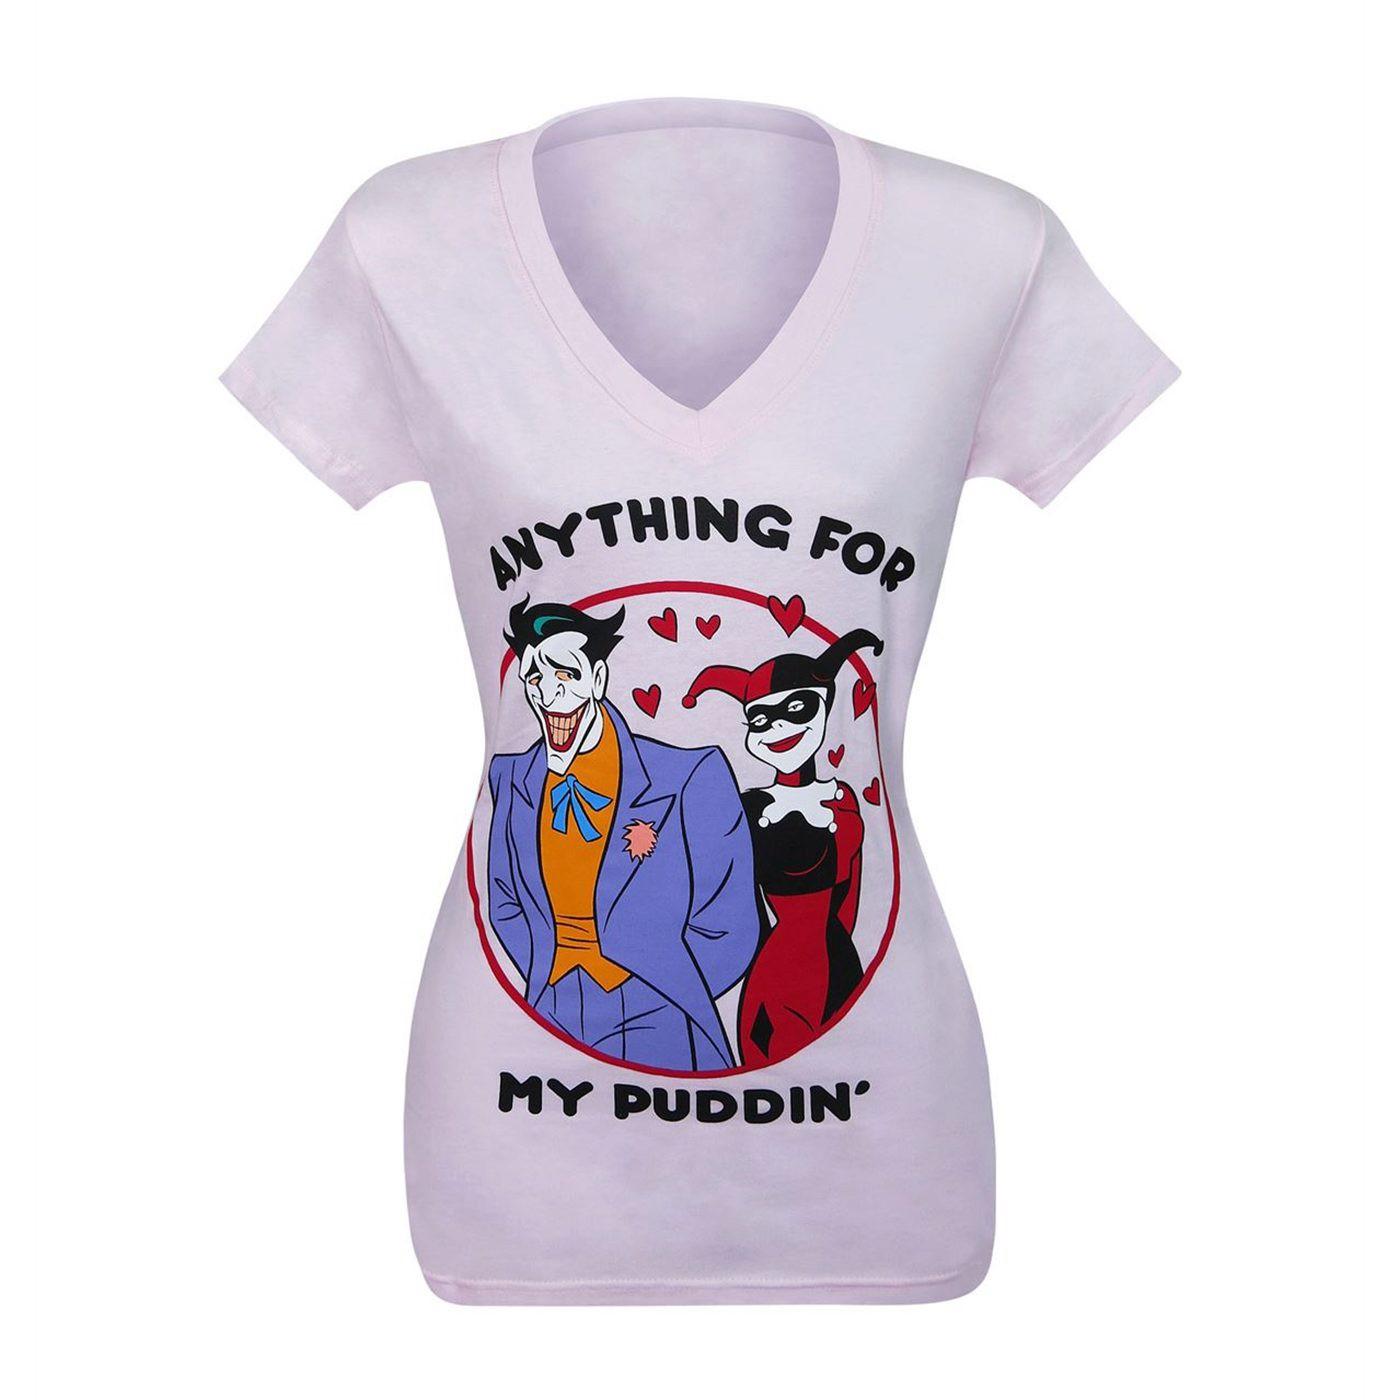 Joker & Harley My Puddin' Women's V-Neck T-Shirt